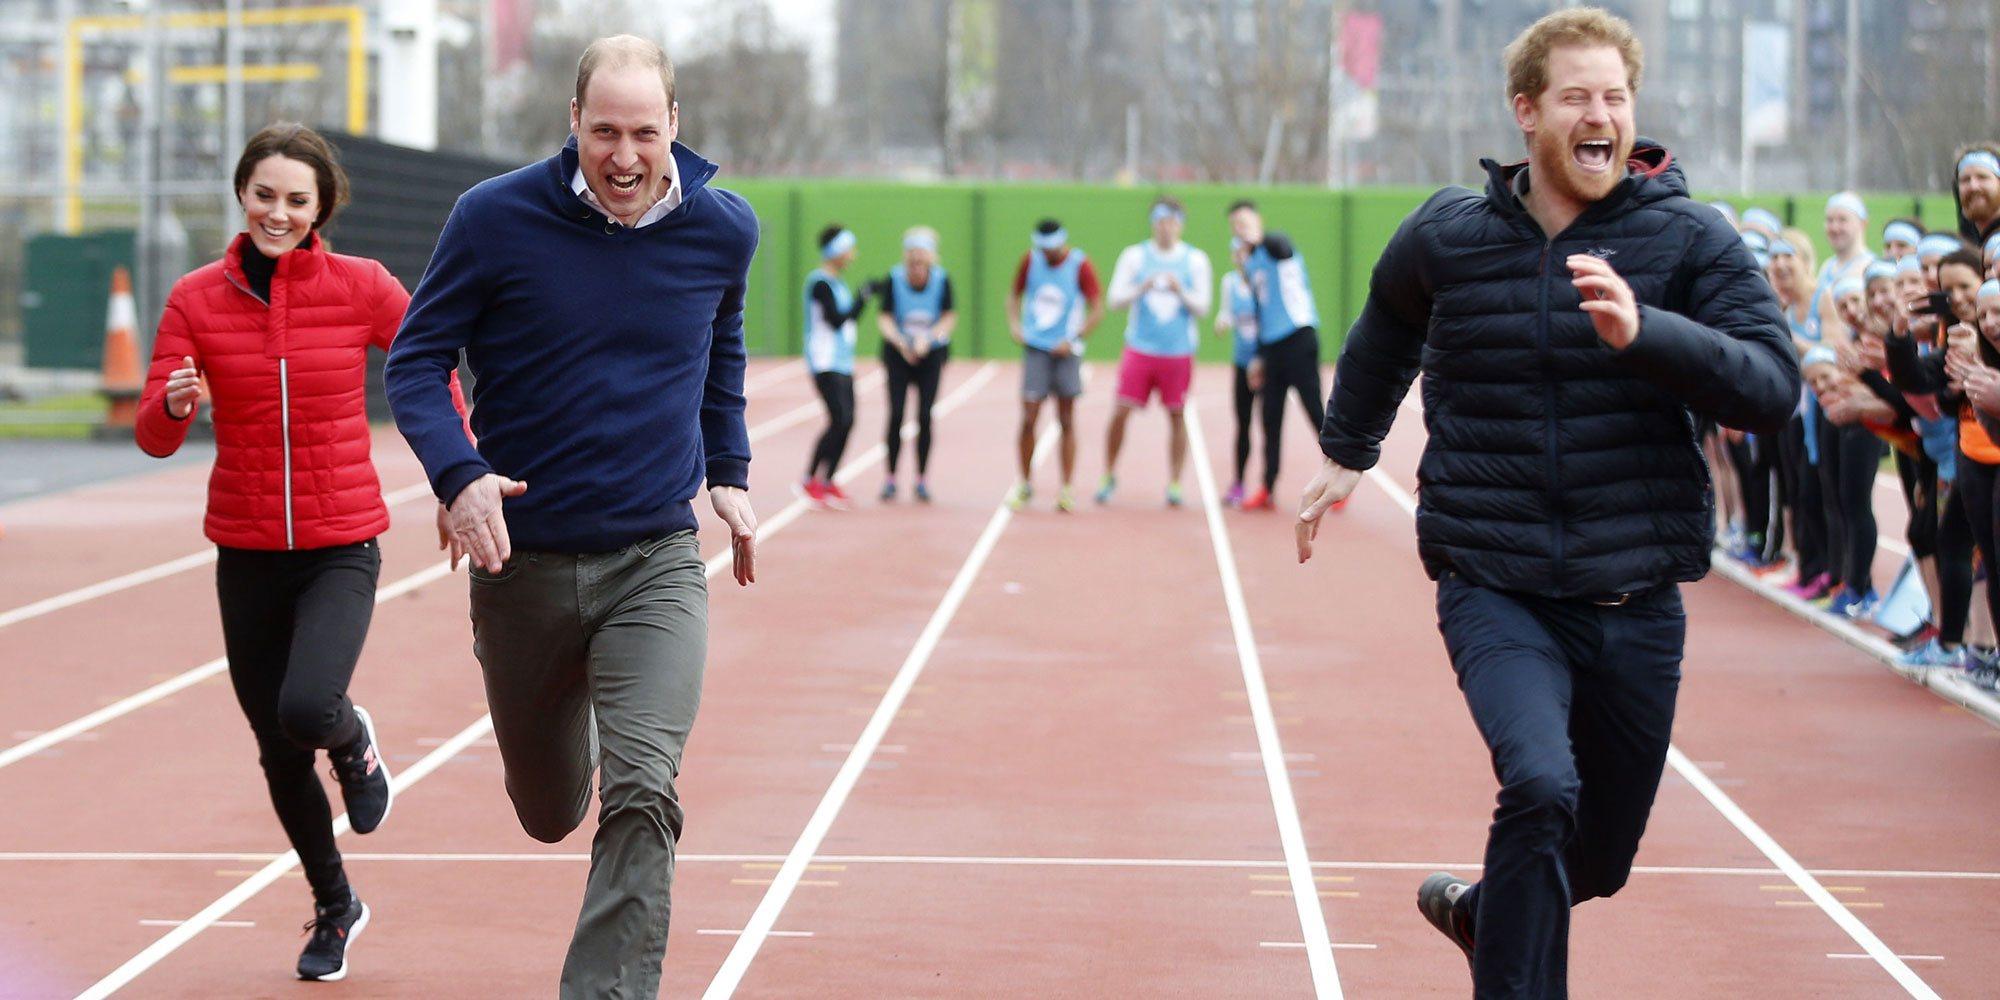 El Príncipe Guillermo y Kate Middleton recuerdan los buenos tiempos para felicitar al Príncipe Harry por su 36 cumpleaños